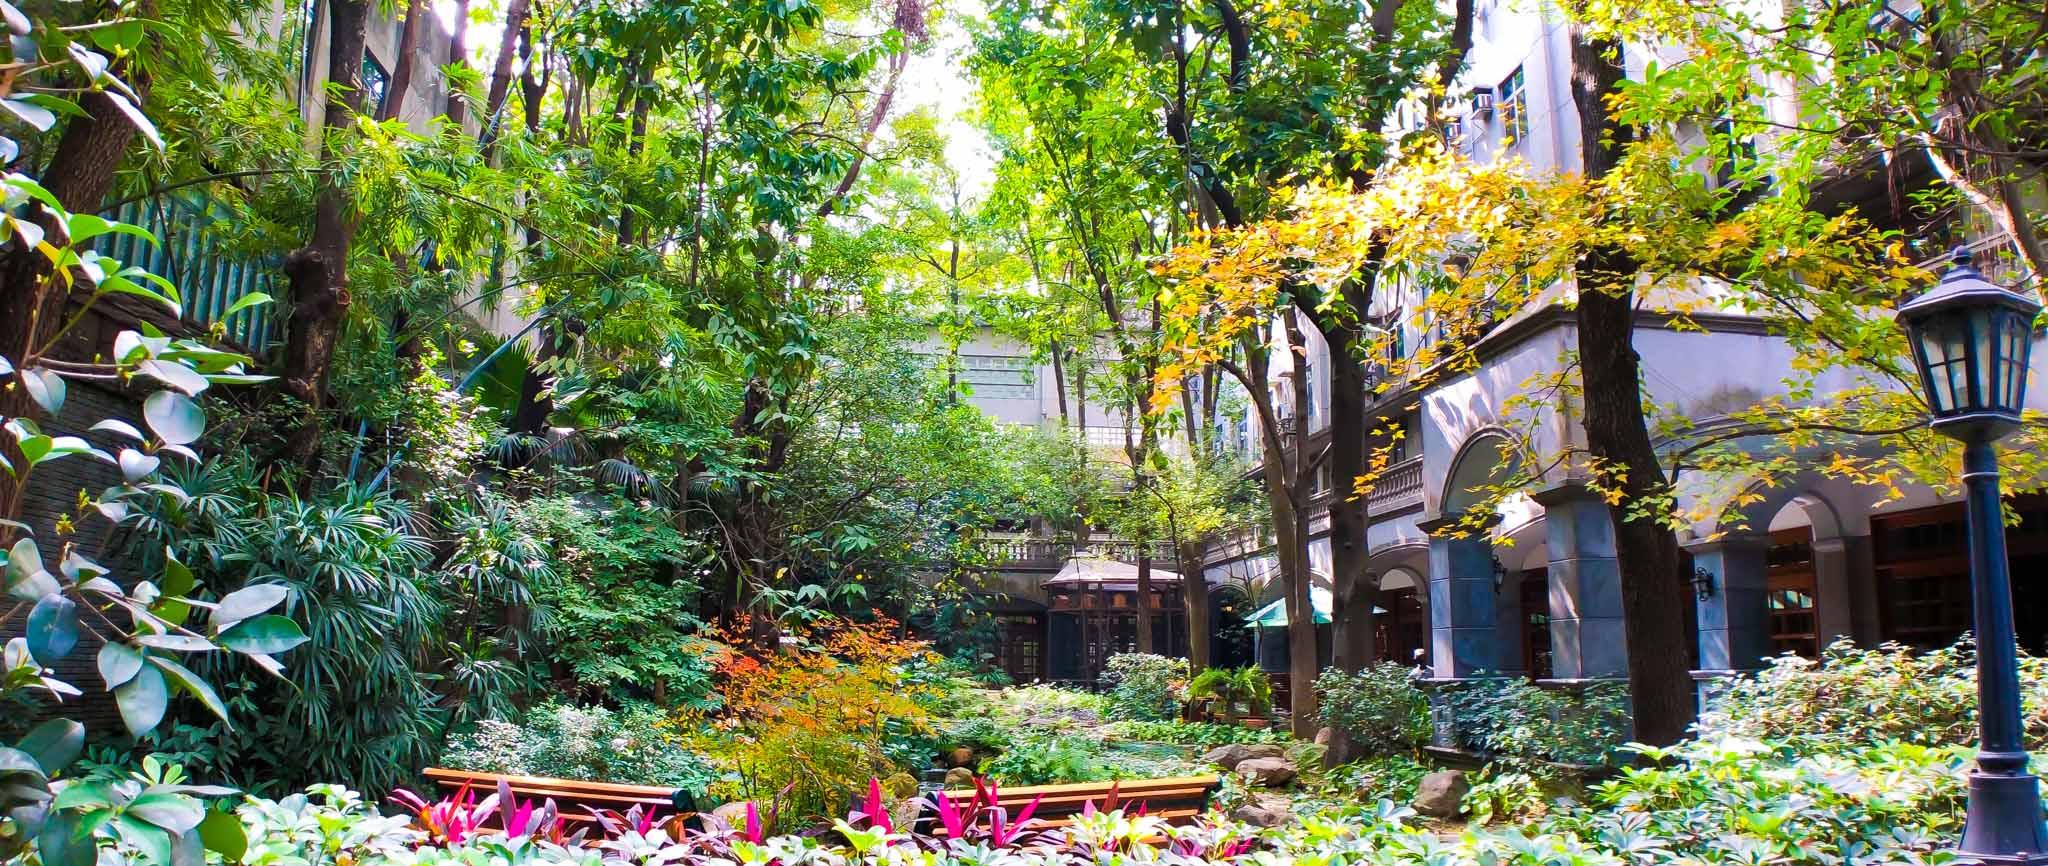 Decca Factory Gardens